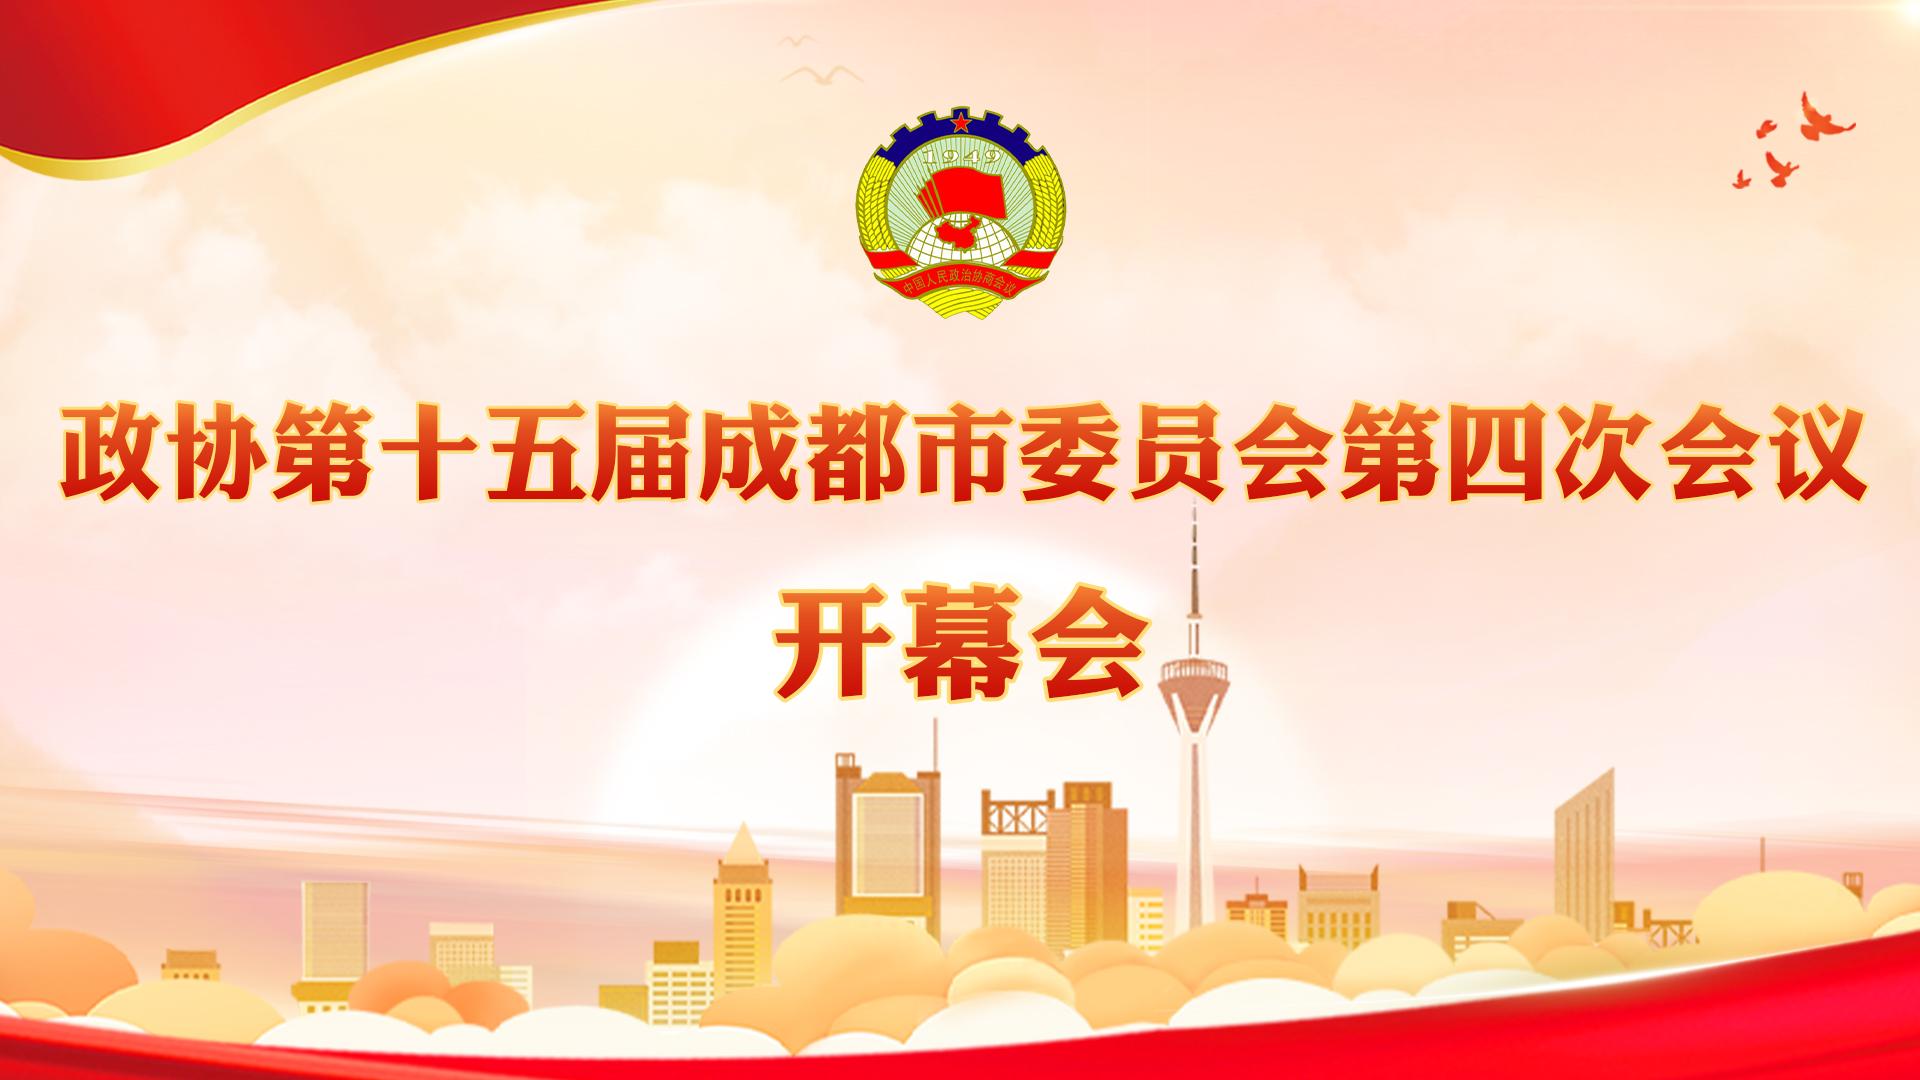 图文直播 | 政协第十五届成都市委员会第四次会议开幕